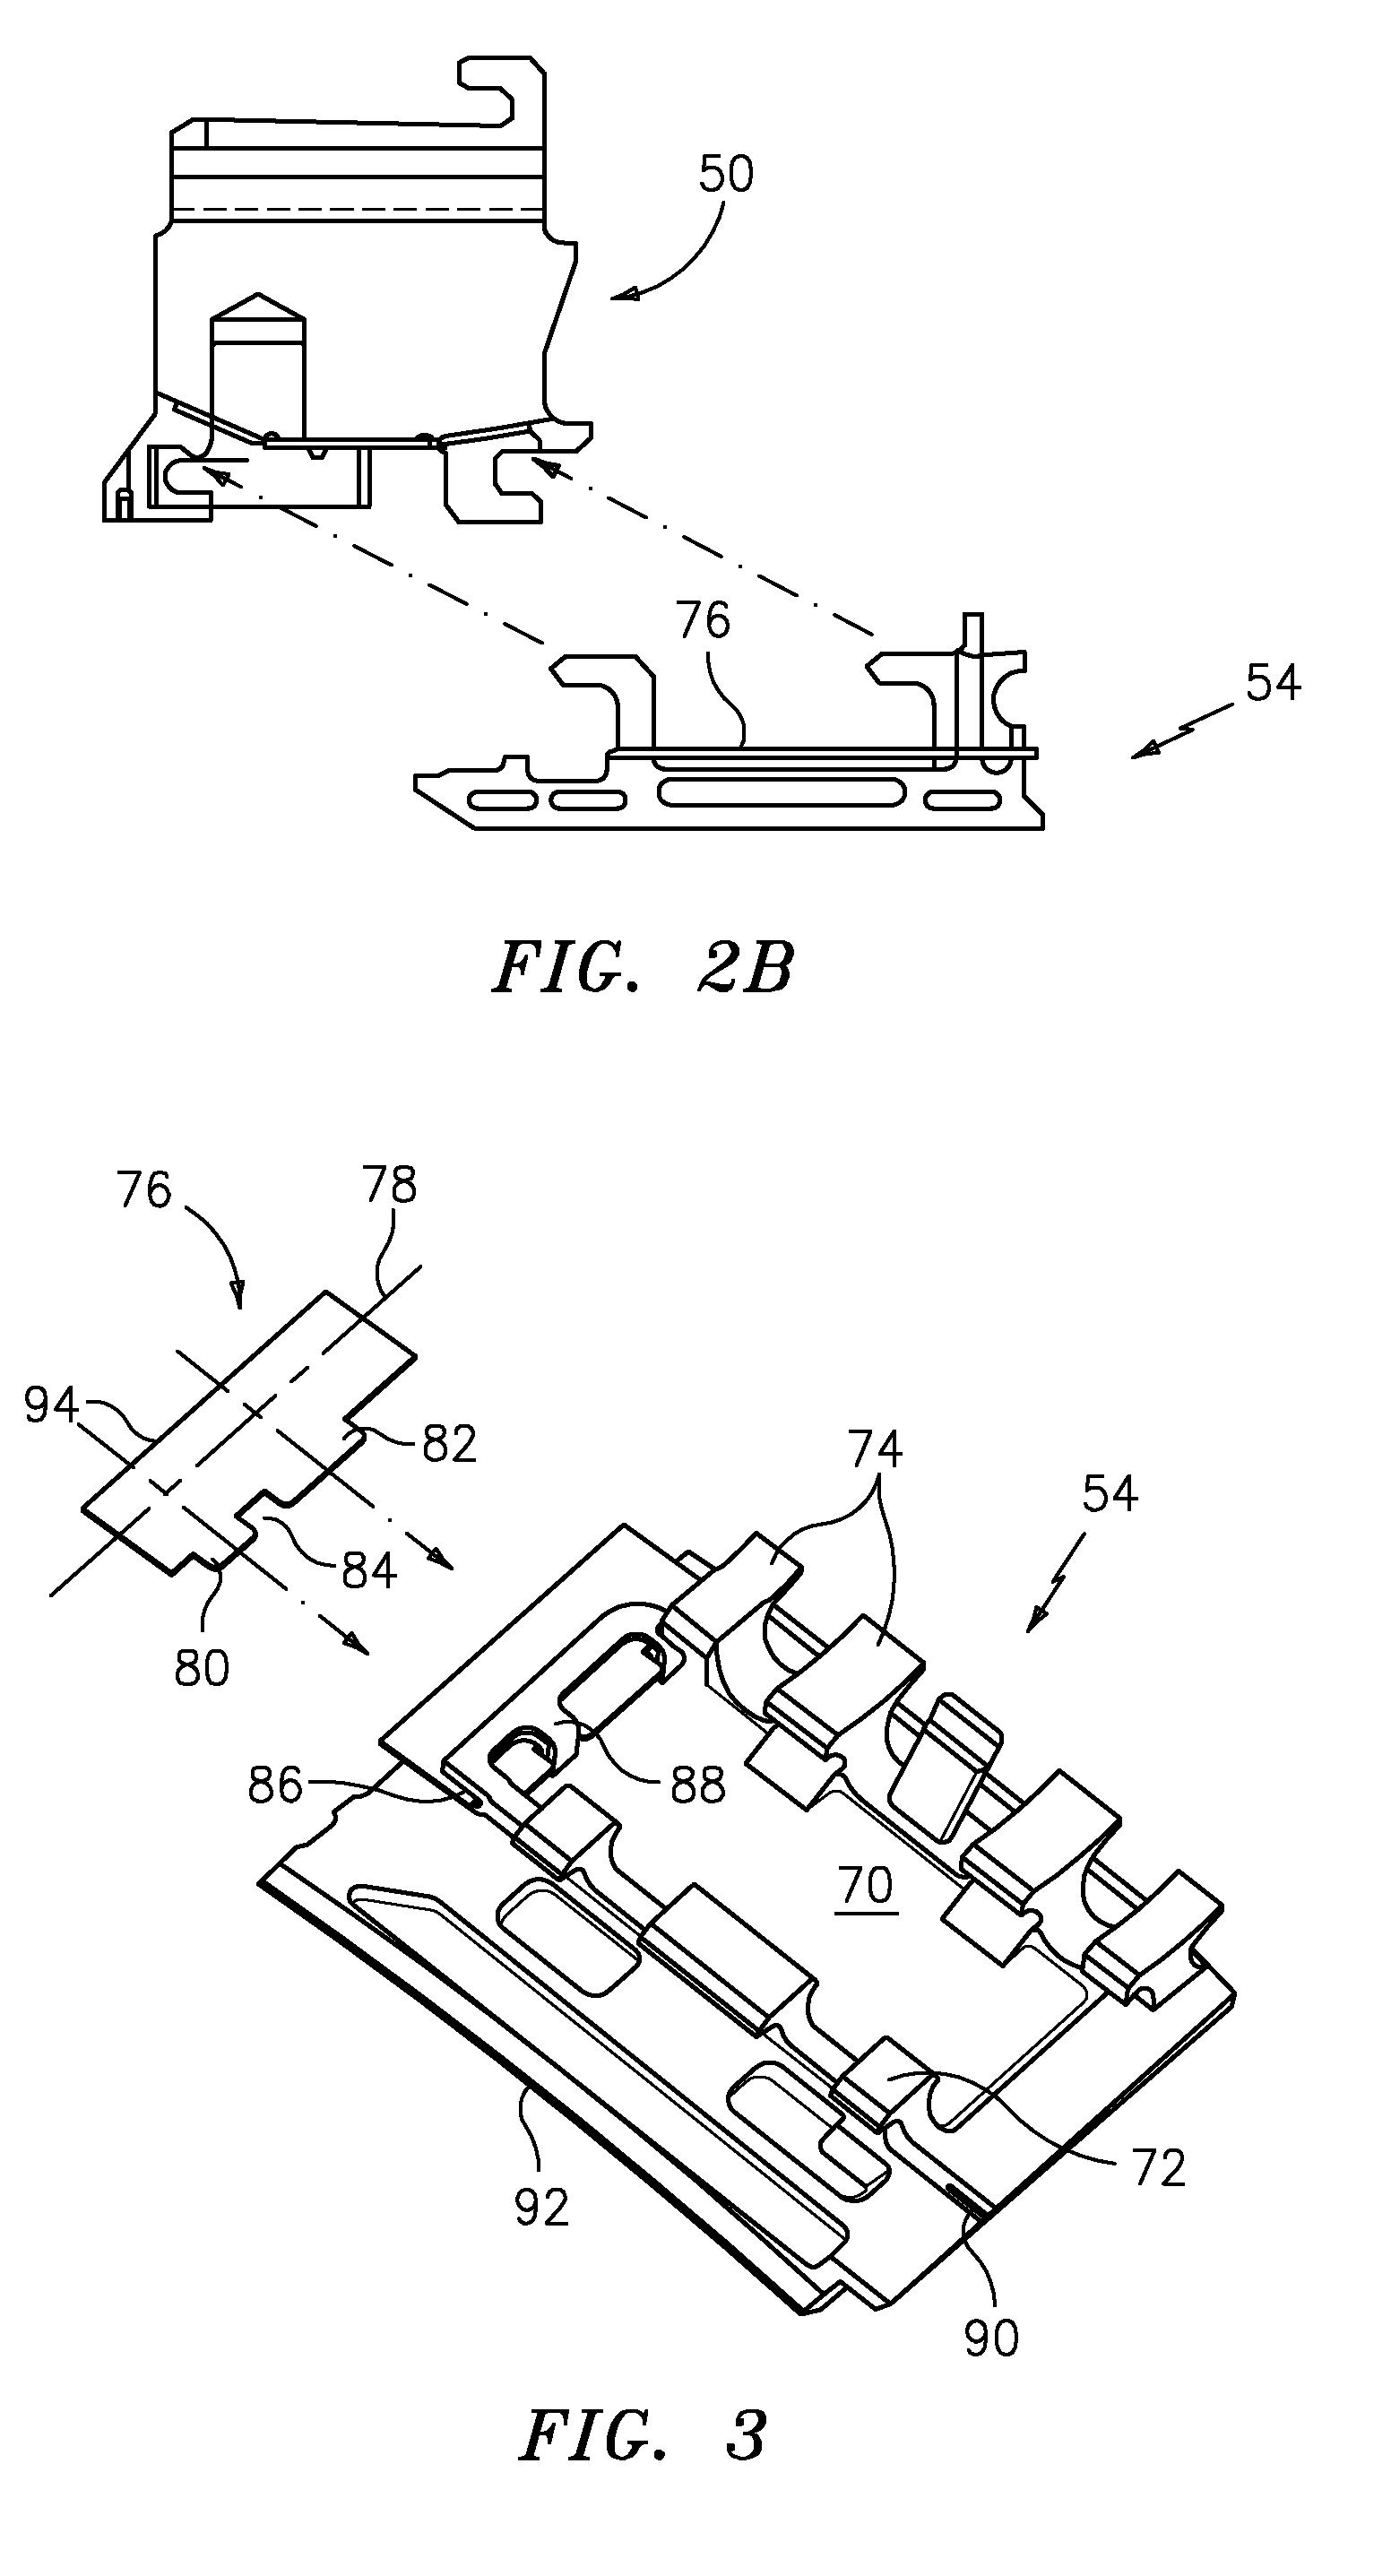 perkins fuel injector pump diagram